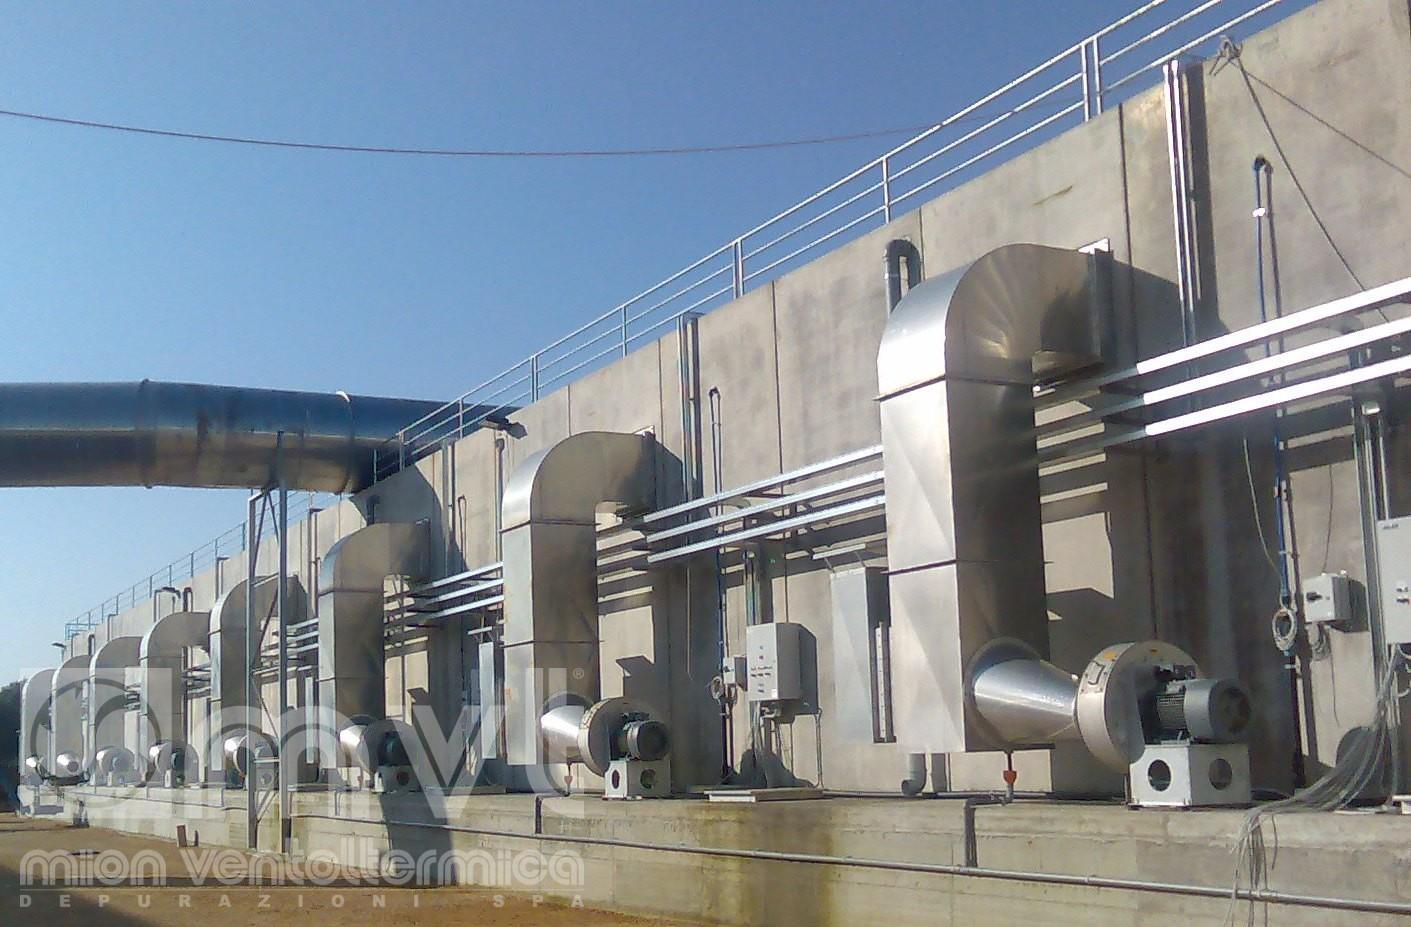 impianti di compostaggio | Mion Ventoltermica